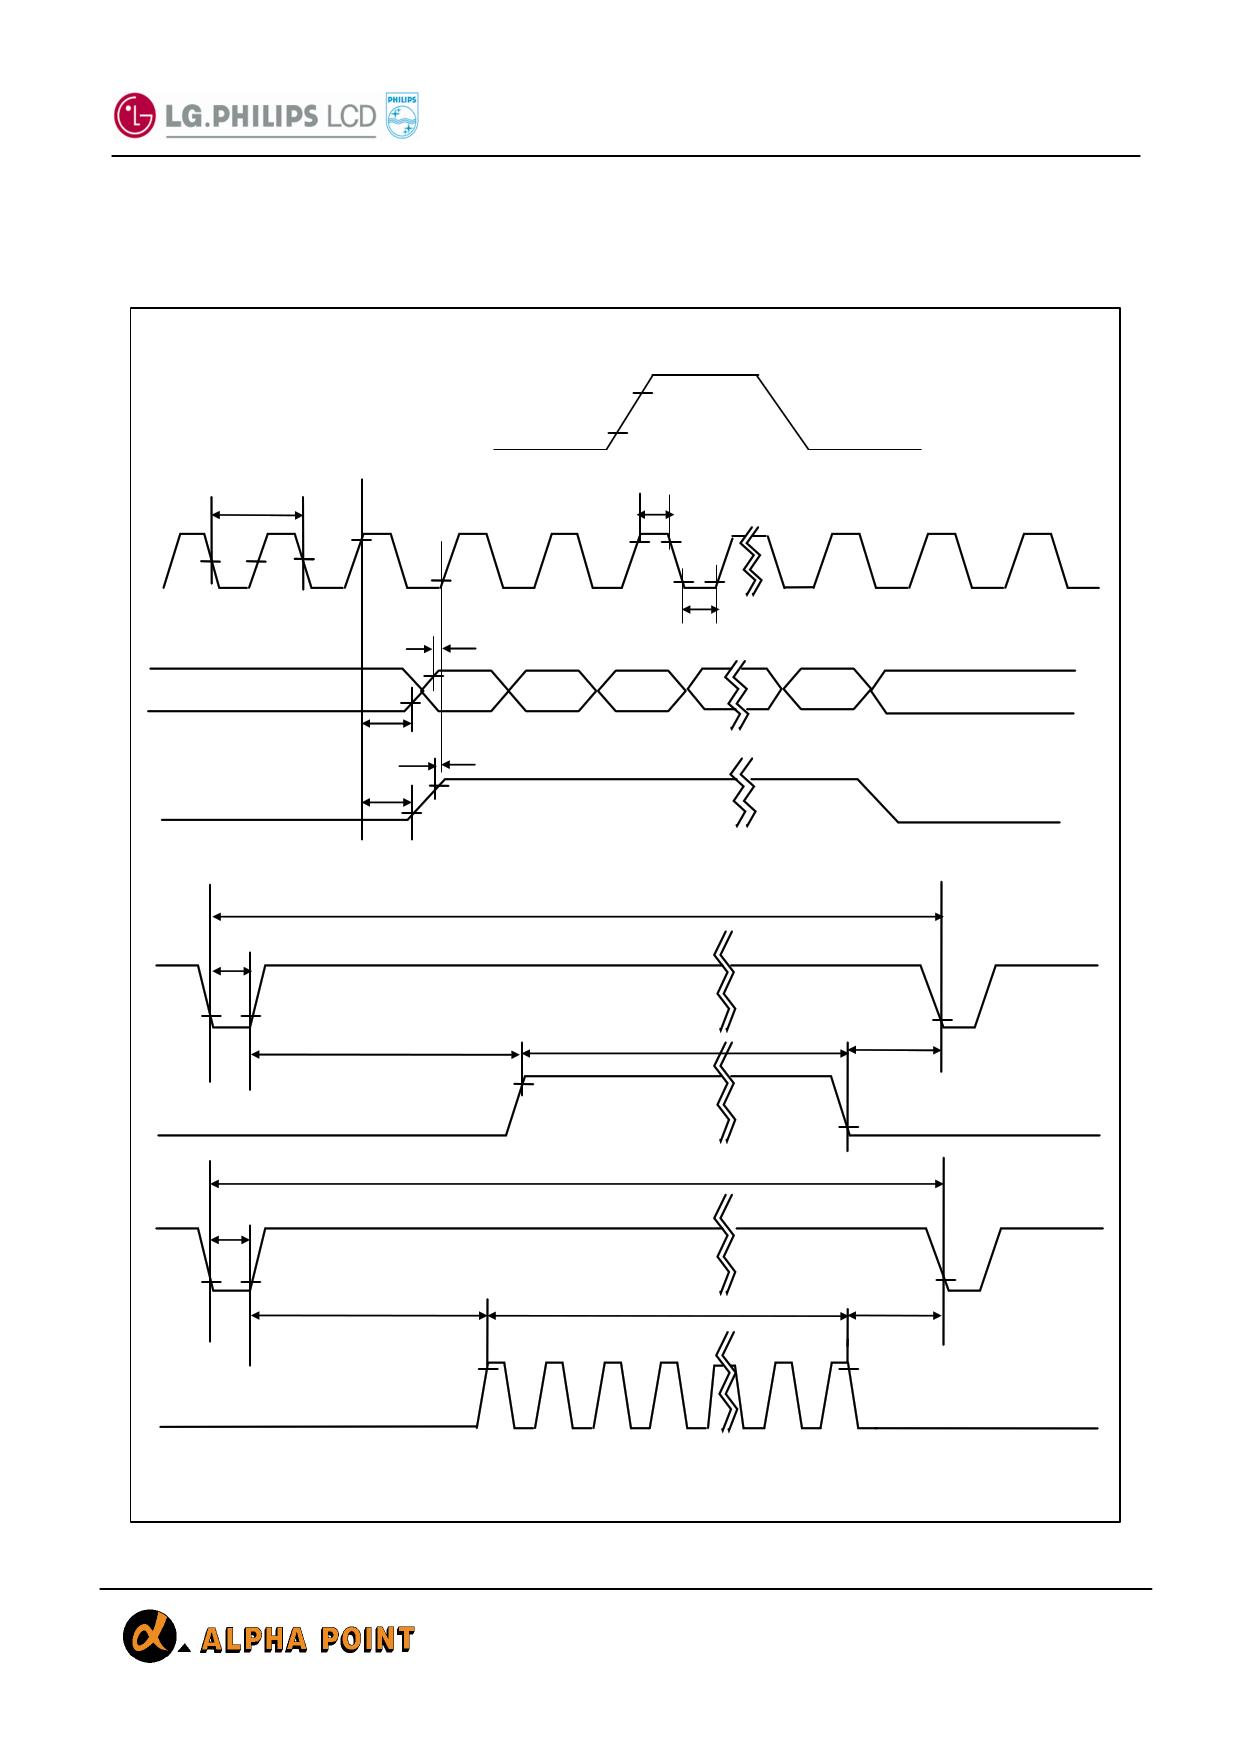 LC104S1-A1 arduino